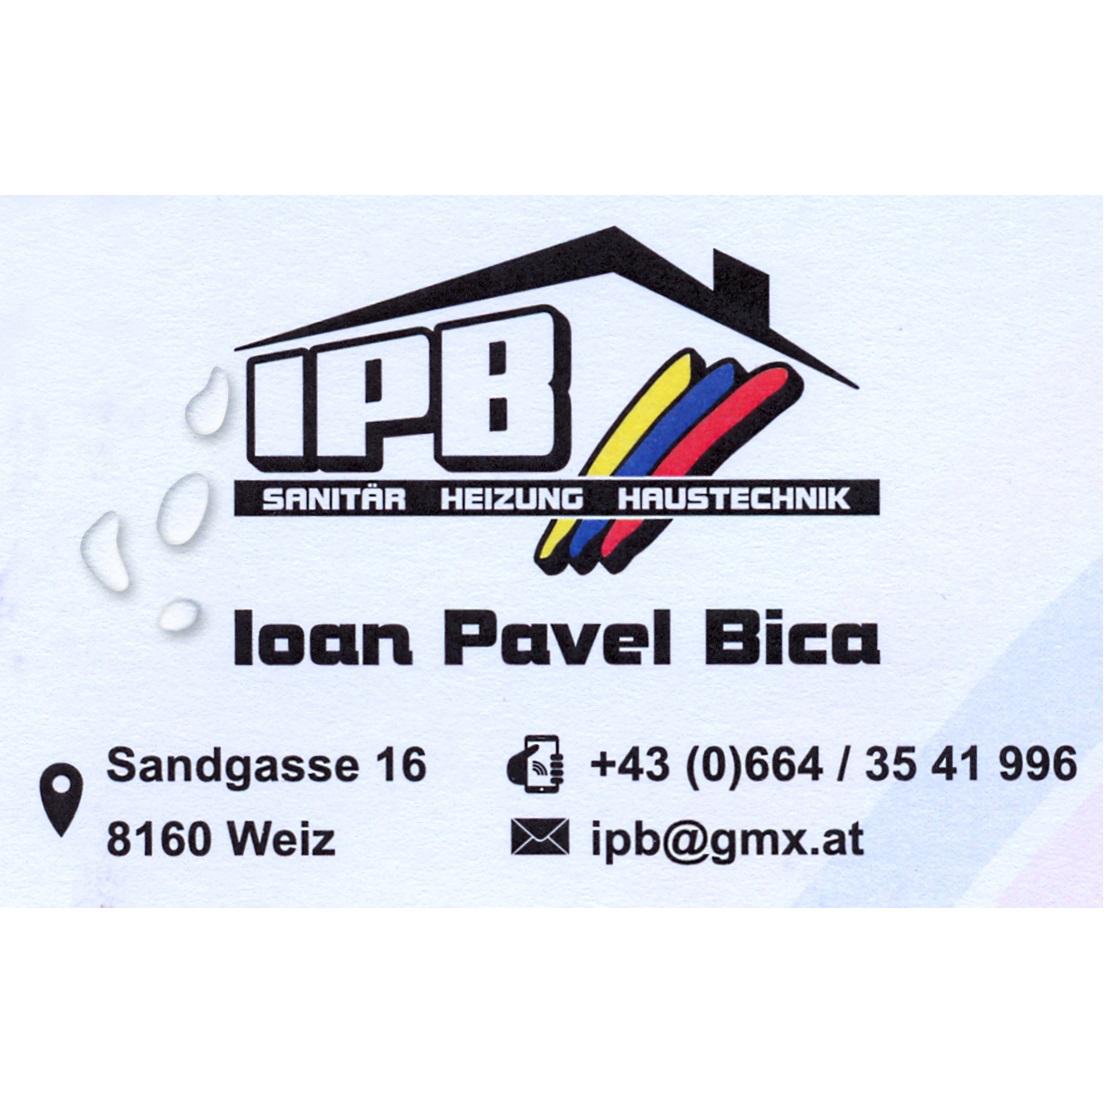 Bild von 'IPB Sanitär Heizung Haustechnik - Ioan Pavel Bica '